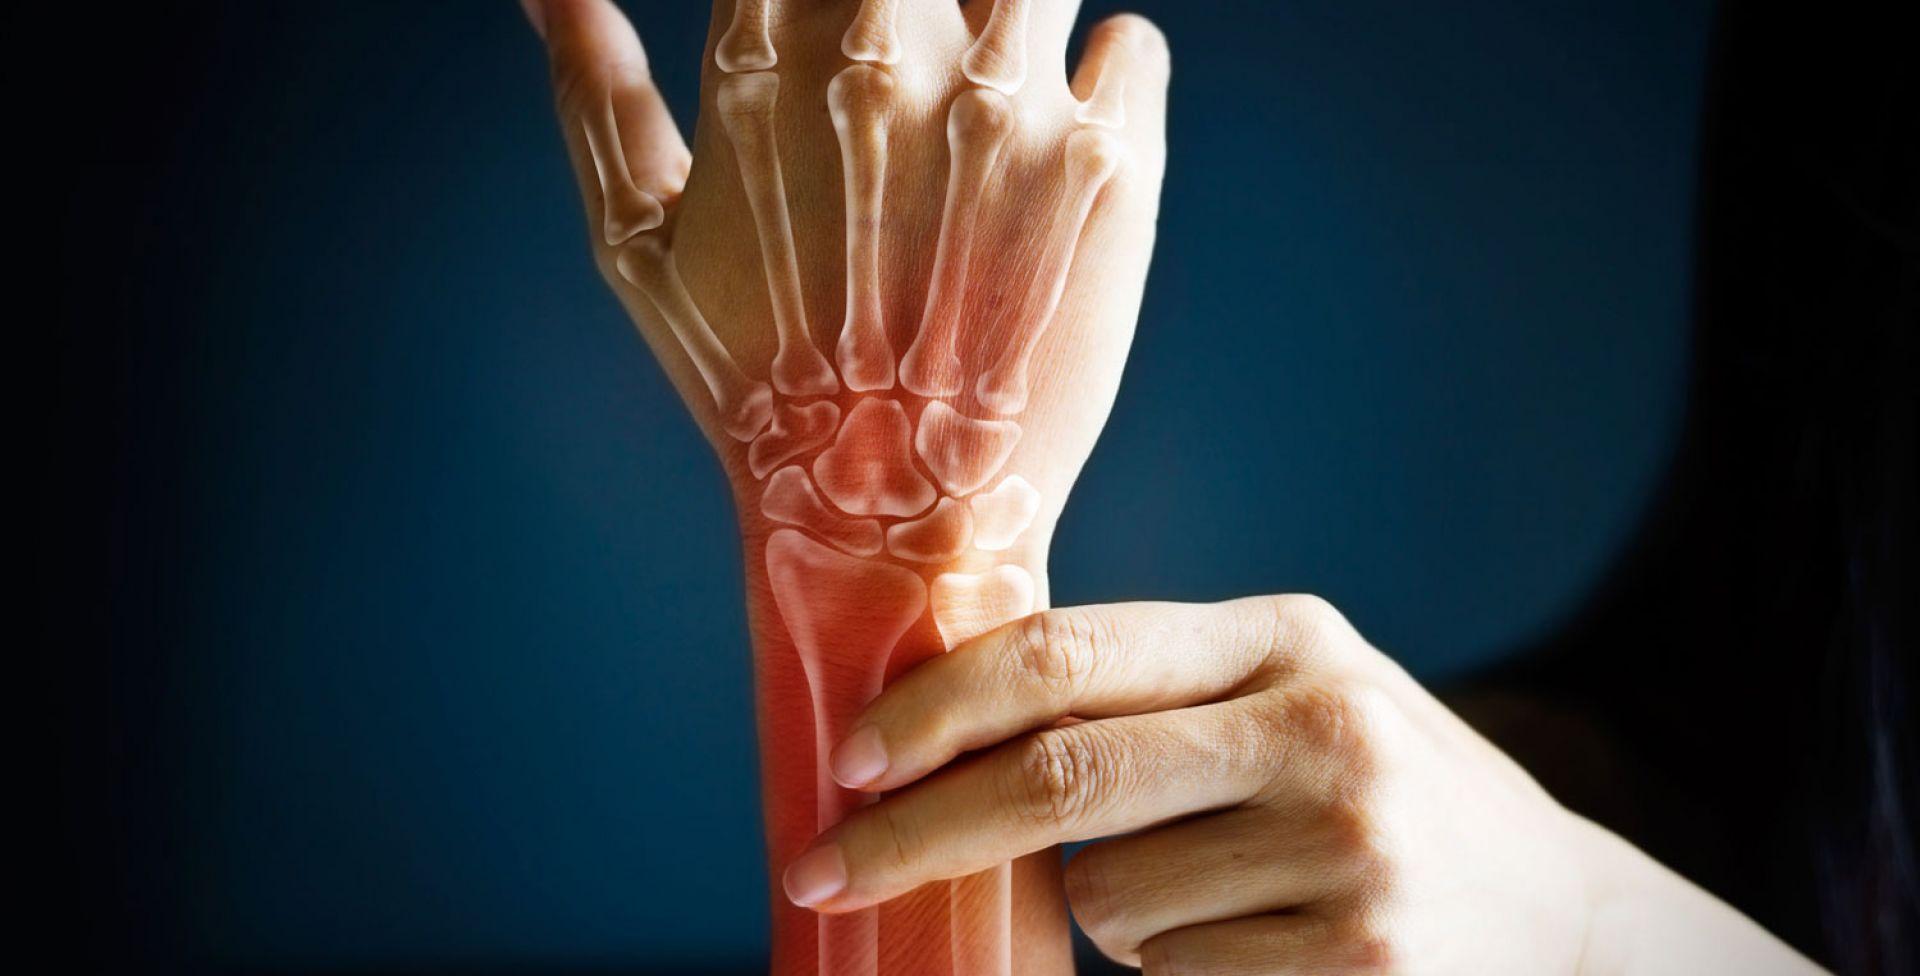 8 habitos que tienes a diario y perjudican enormemente tus huesos